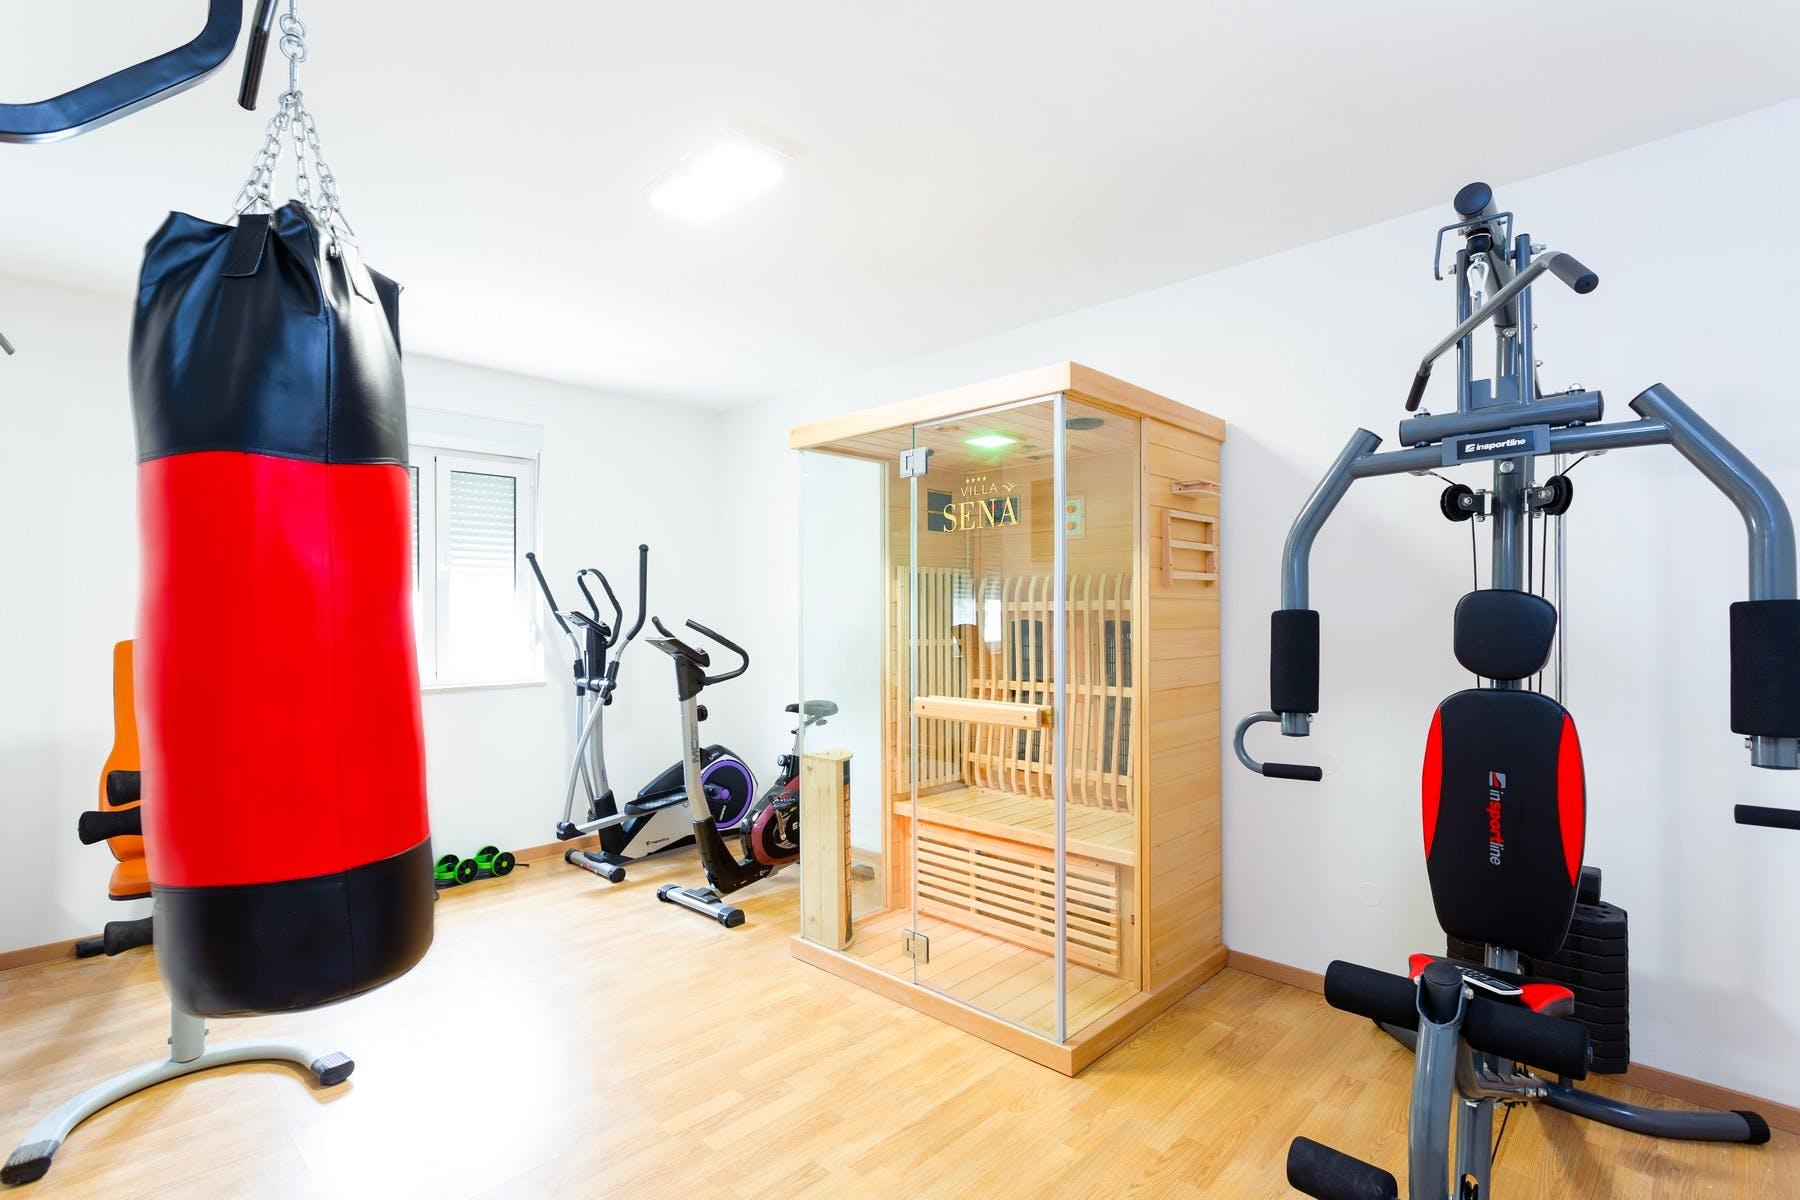 Gym with a sauna